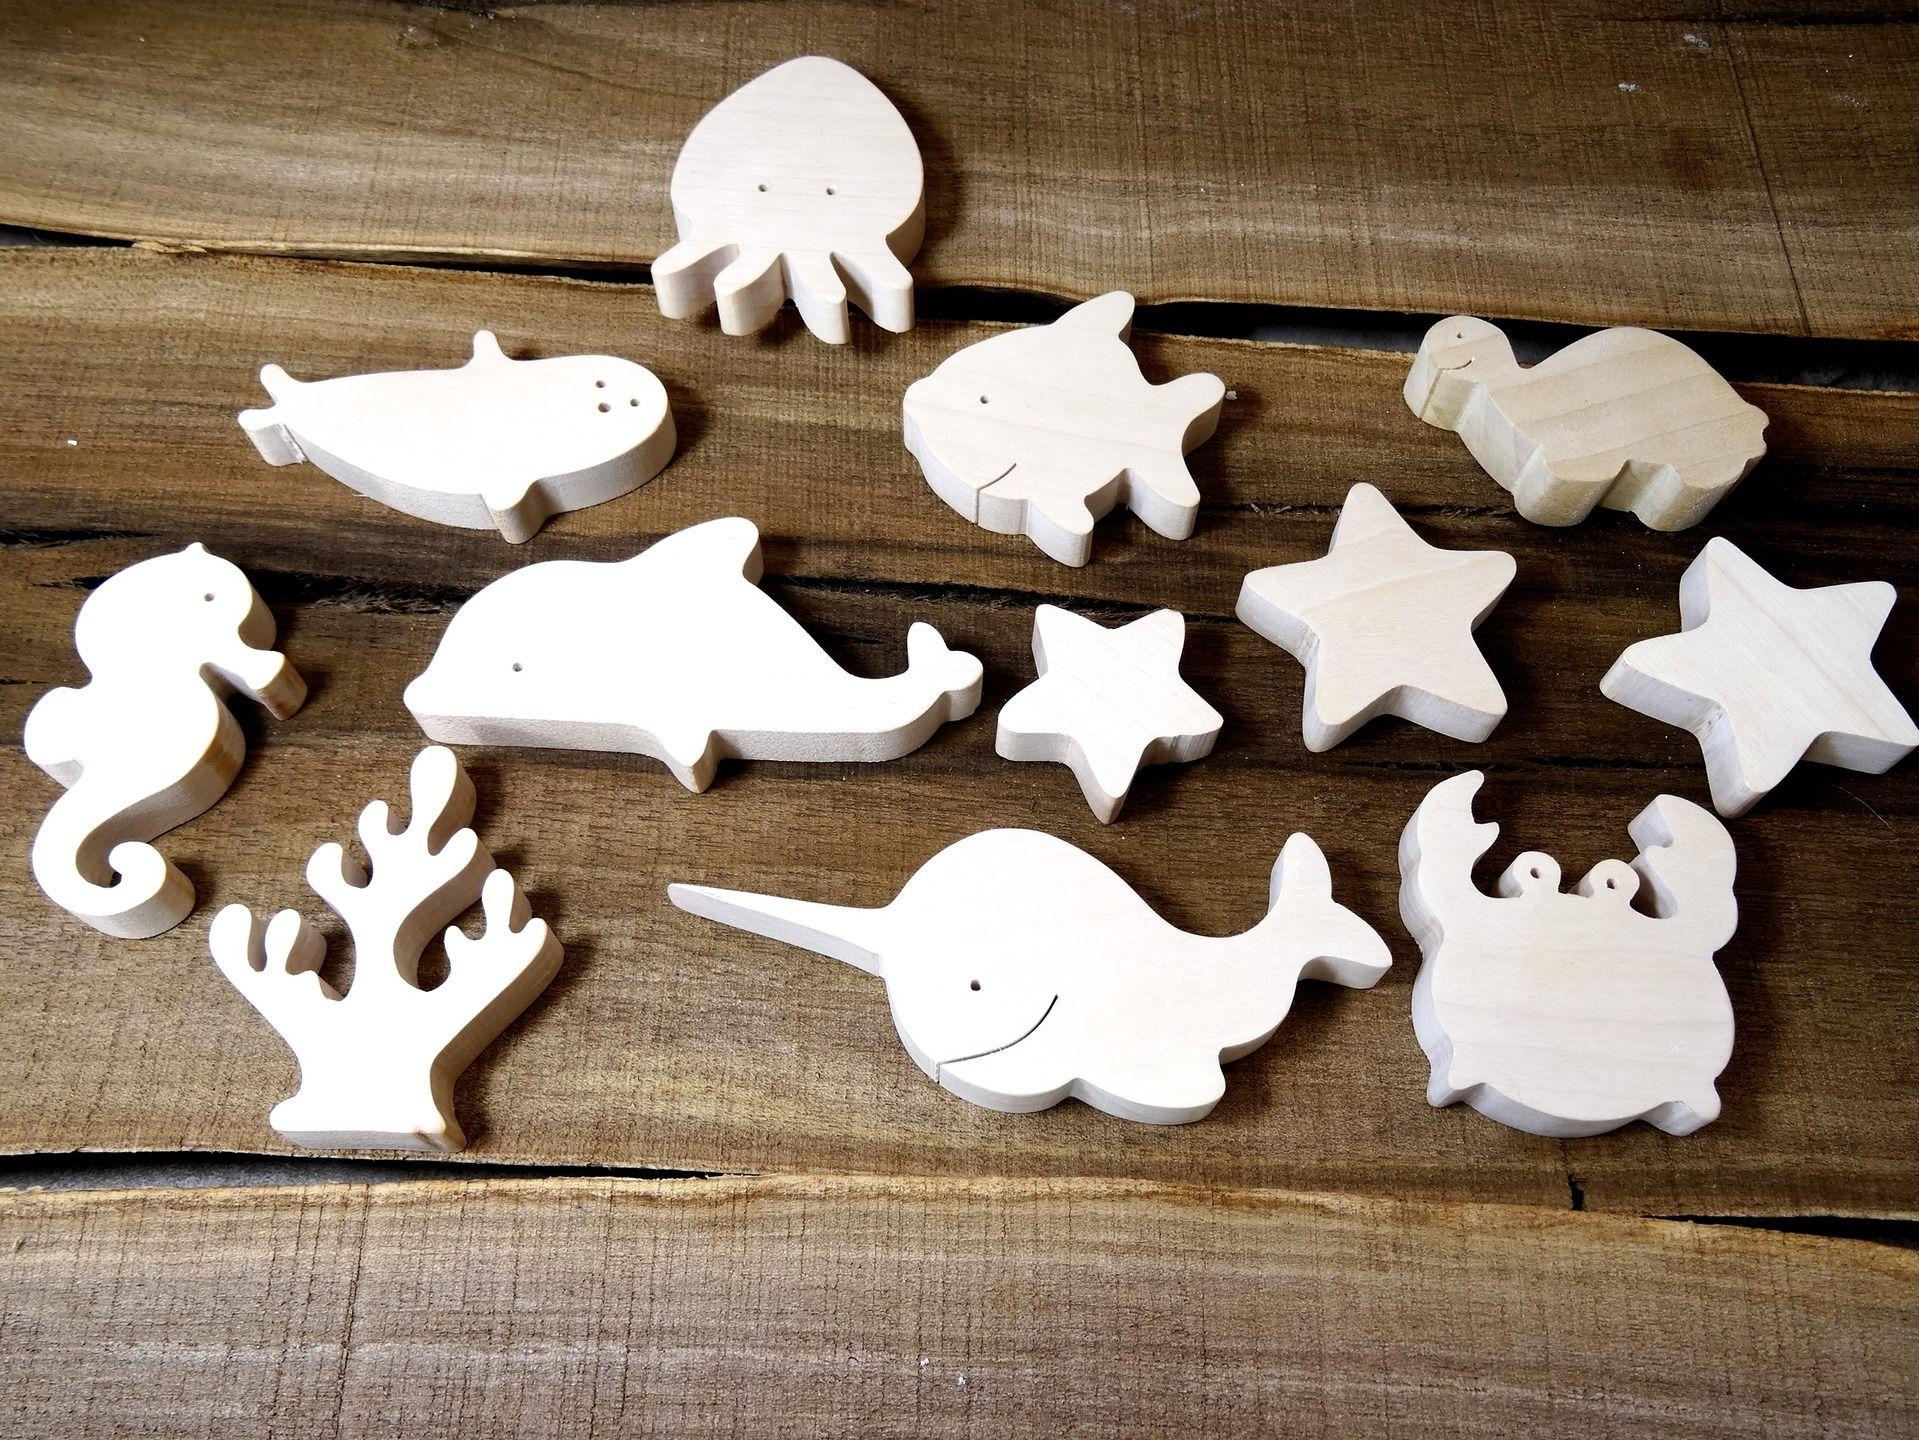 jouet en bois animaux marins jouet cologique pour b b. Black Bedroom Furniture Sets. Home Design Ideas